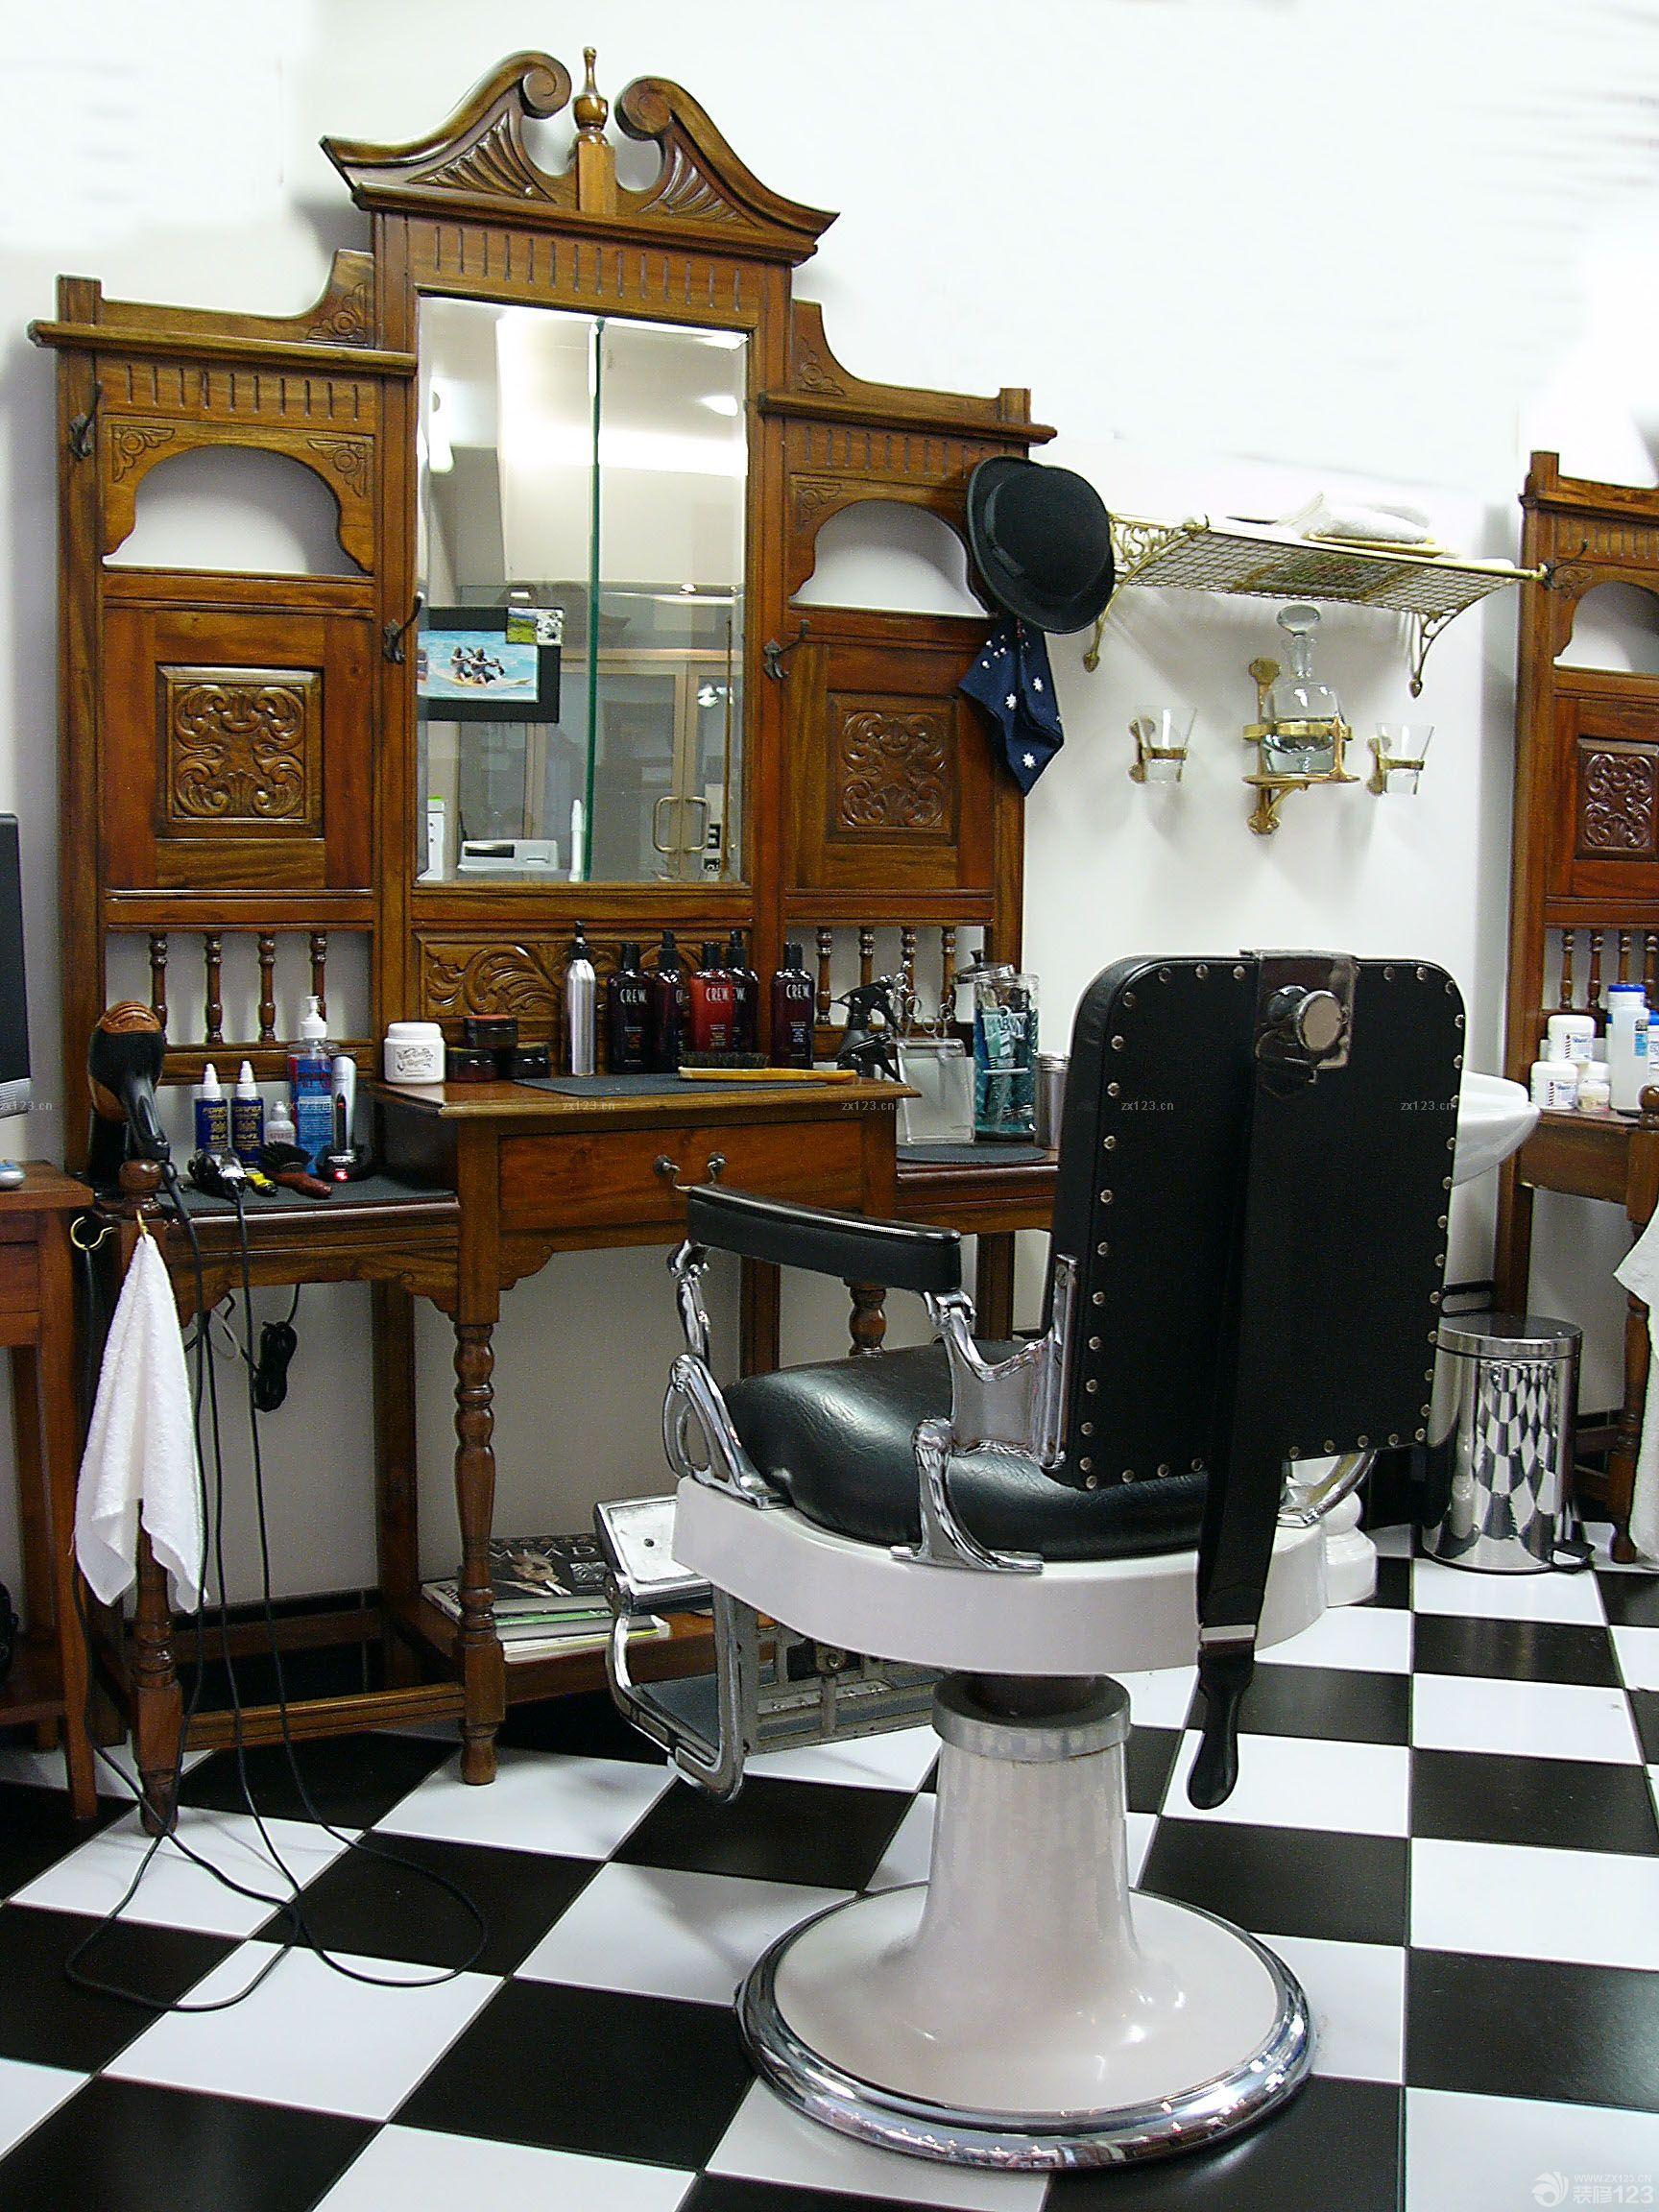 80平方美发店欧式复古风格装修效果图欣赏